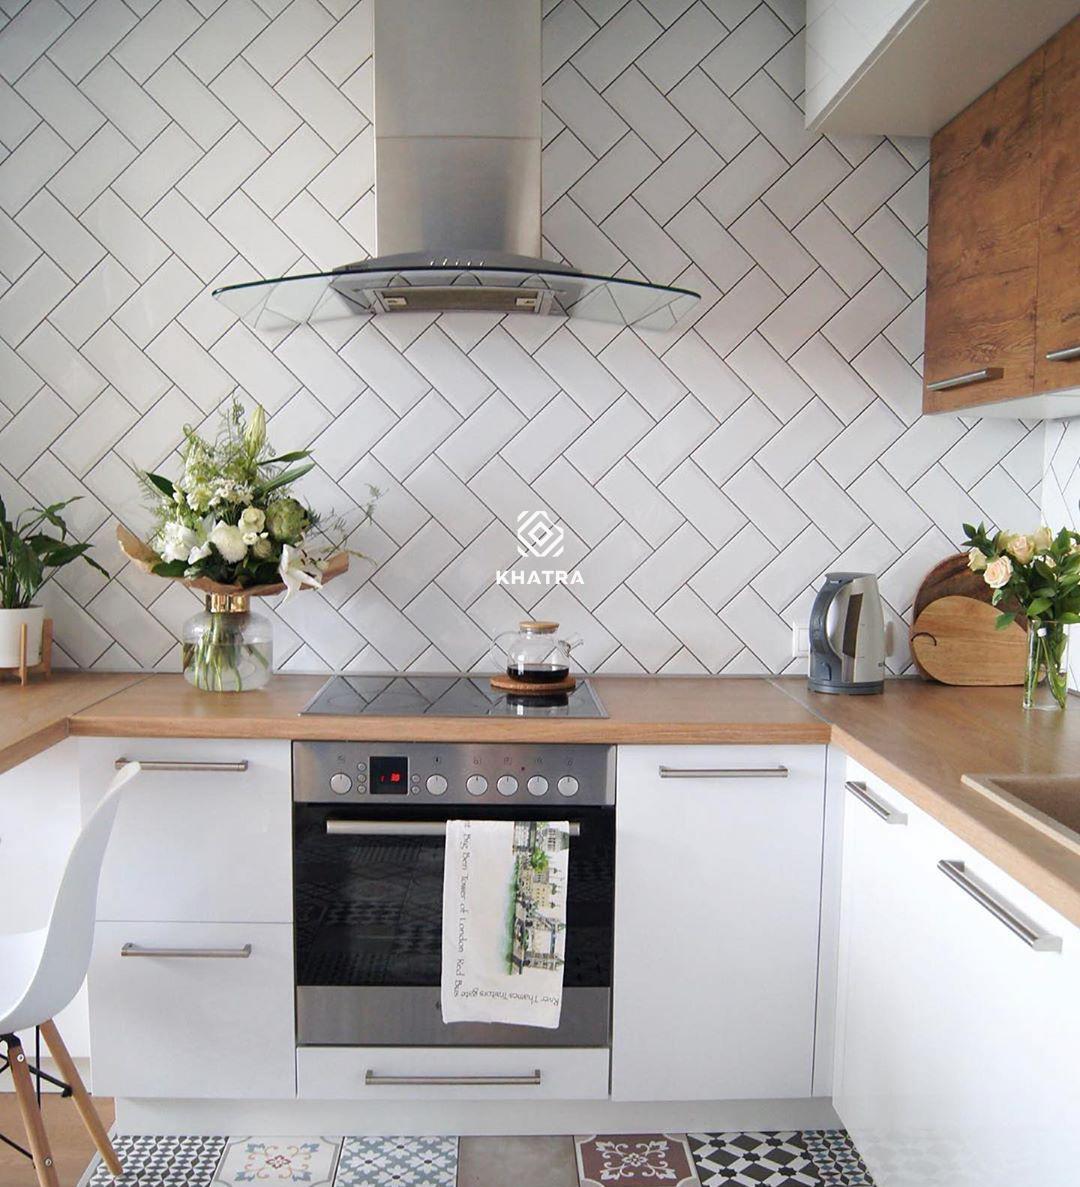 Nhà bếp sử dụng gạch thẻ trắng ốp tường